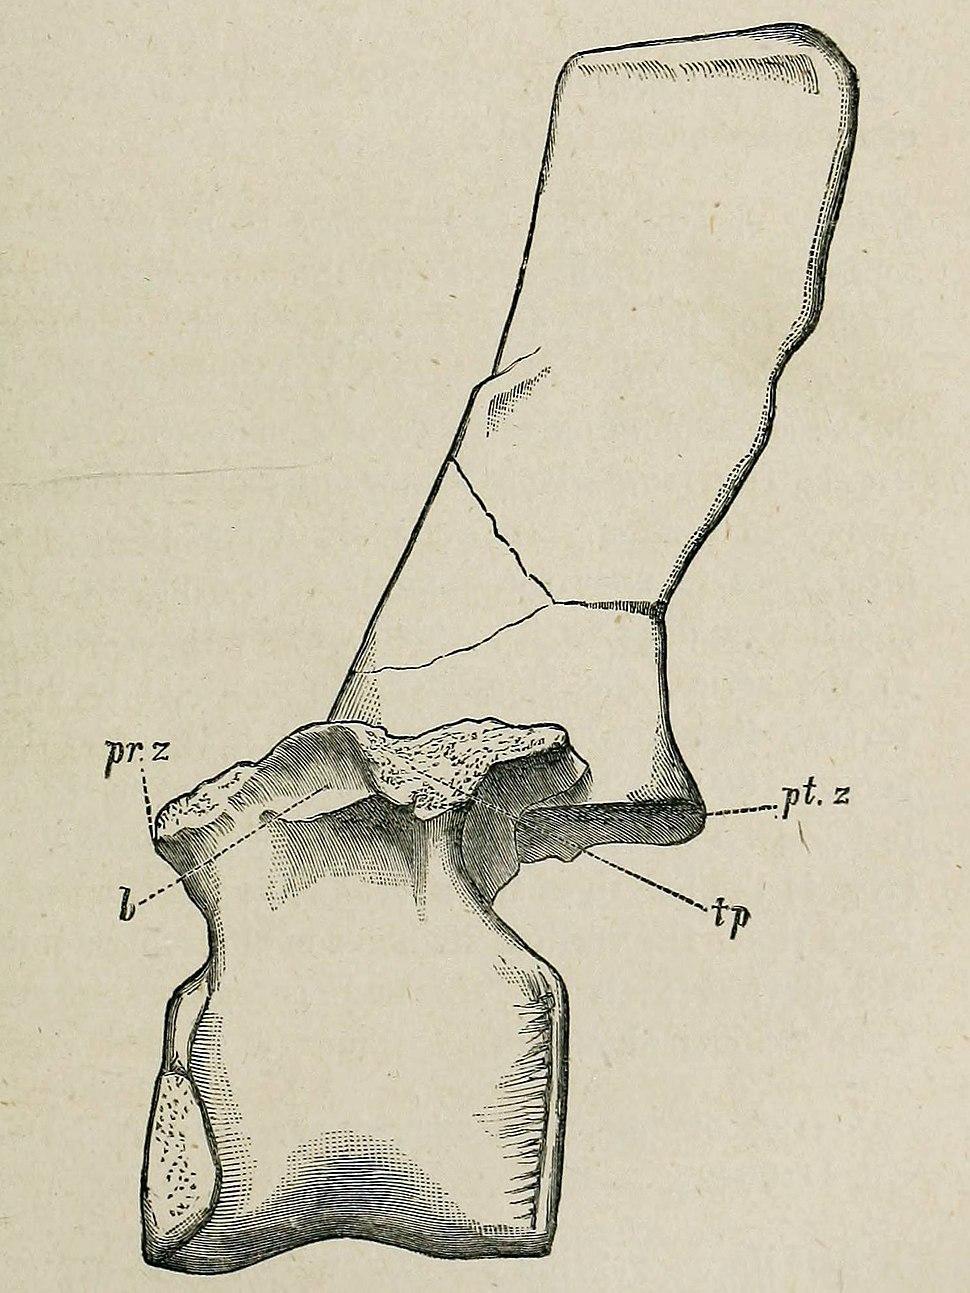 Barilium vertebra